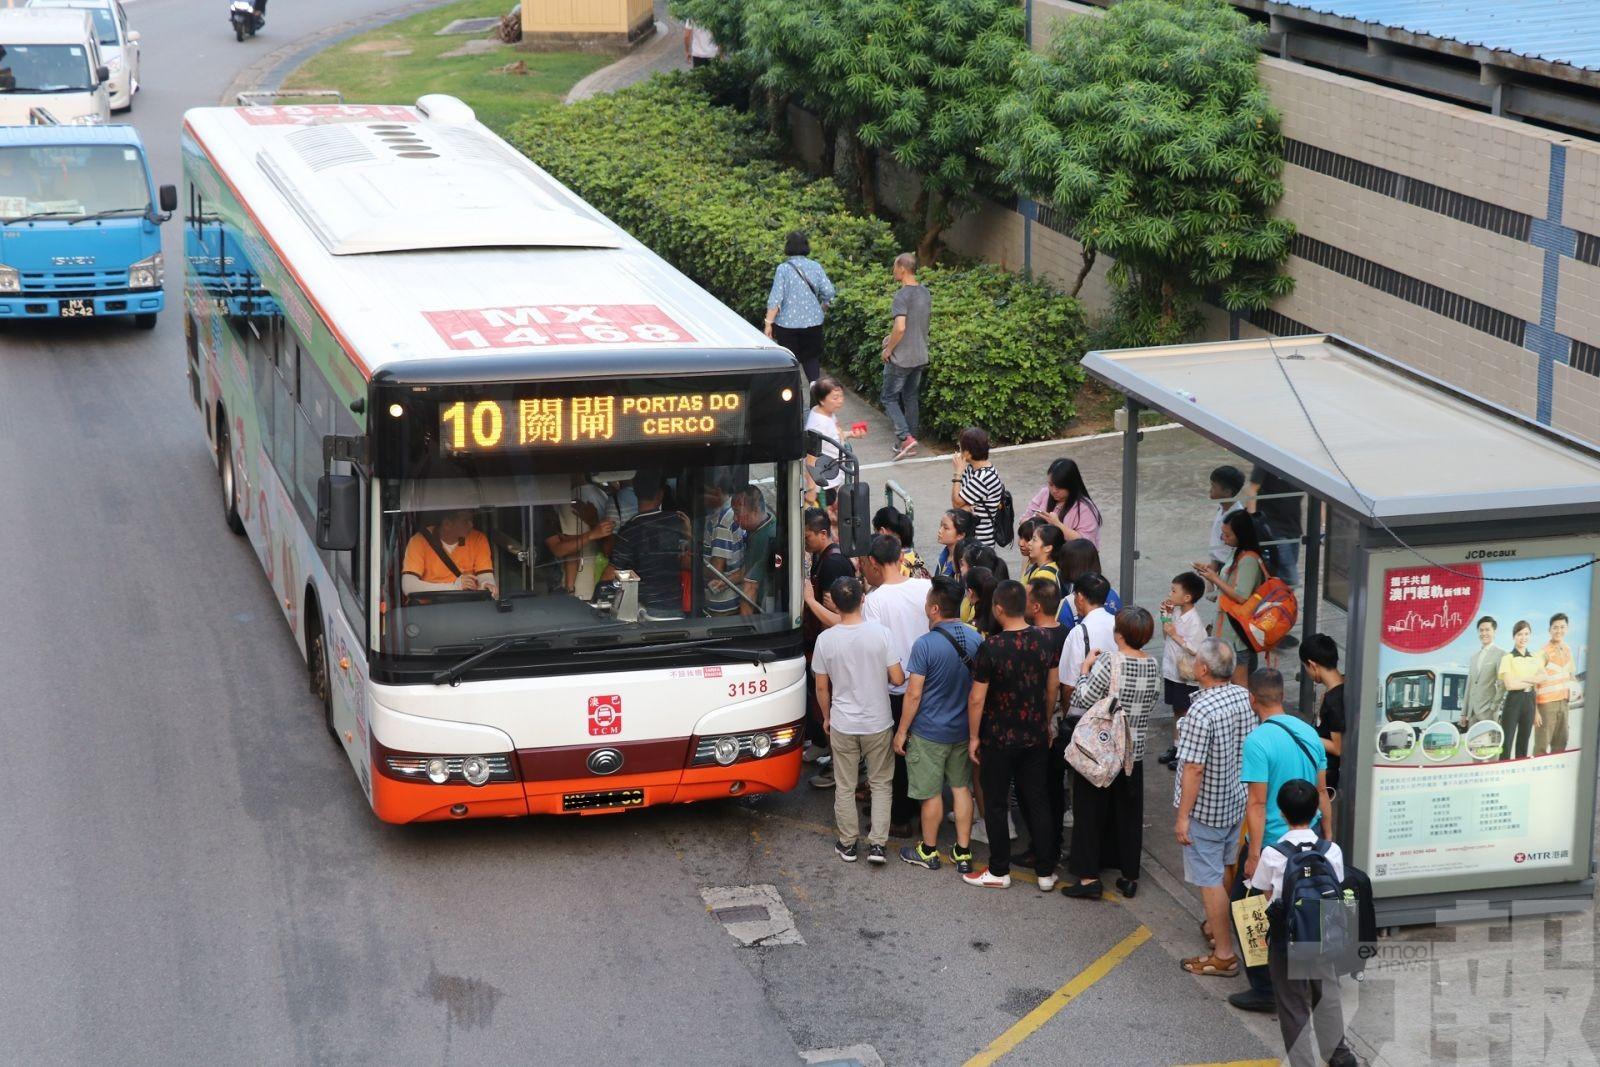 方便乘客睇人數逼巴士